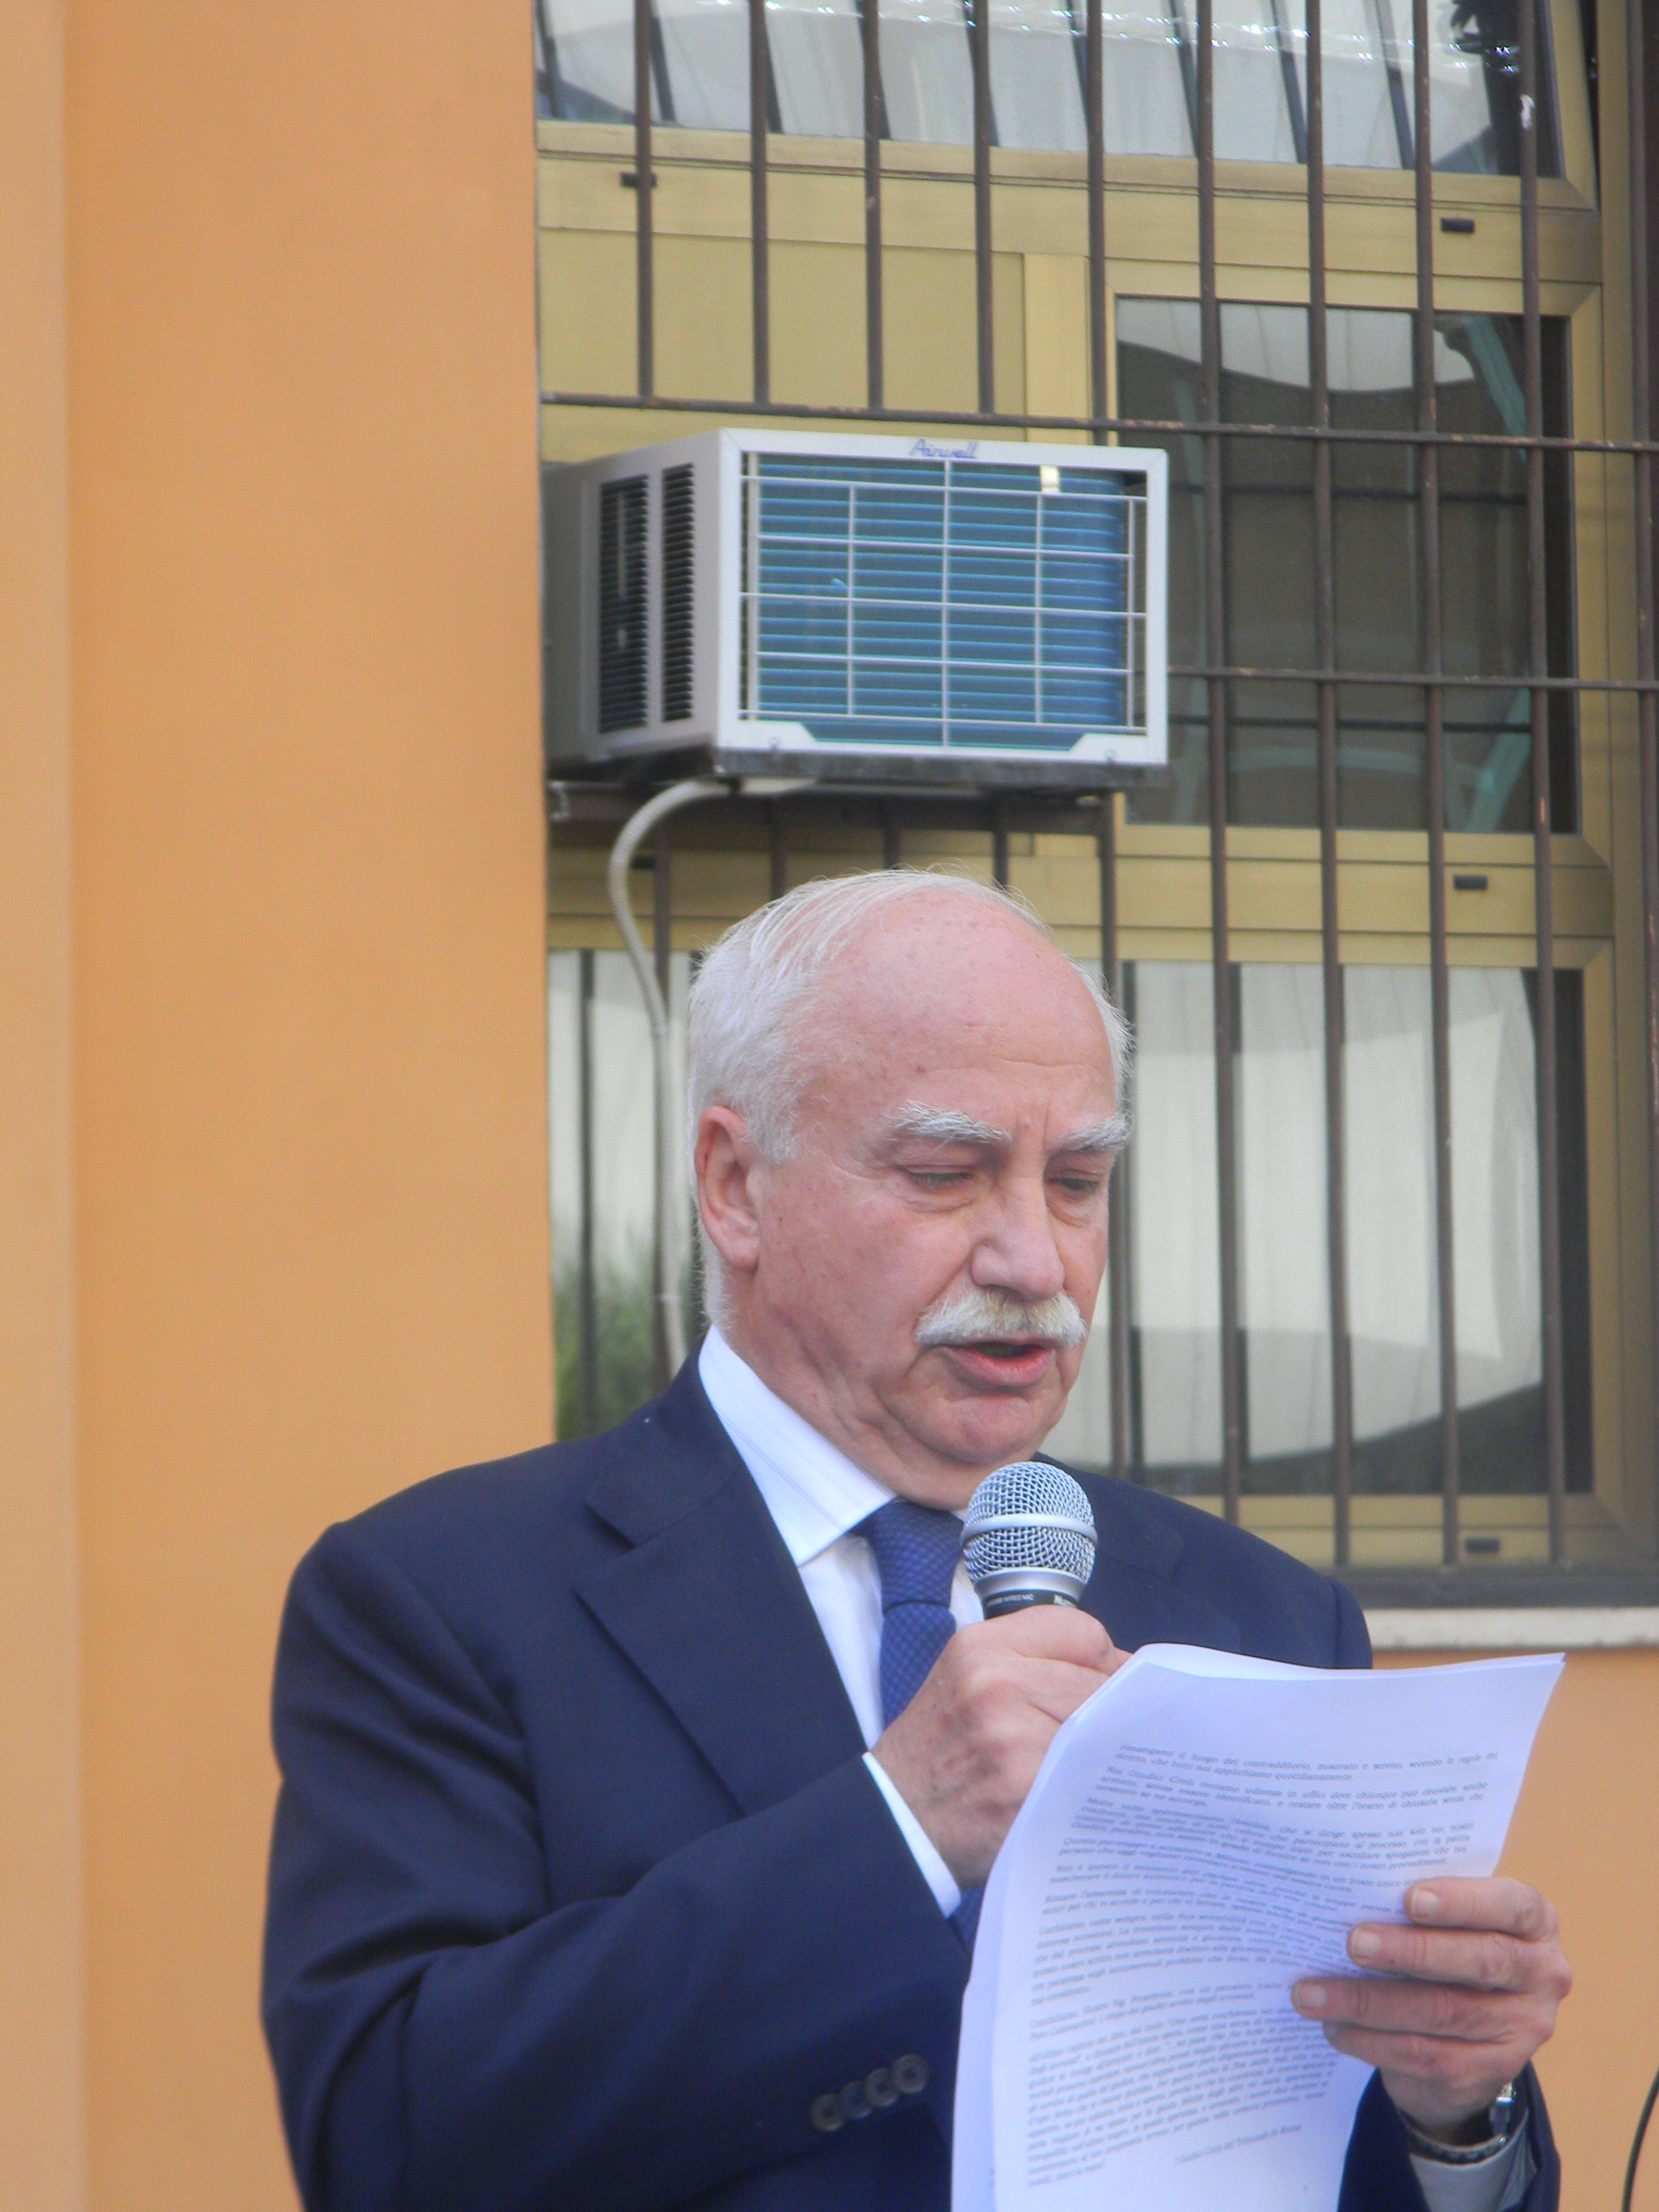 avv. Romolo Reboa, avv. Reboa, Romolo Reboa, Reboa, Romolo, Ingiustizia la PAROLA al POPOLO, la PAROLA al POPOLO, Tribunale civile di Roma, Mauro Vaglio, Mario Bresciano.